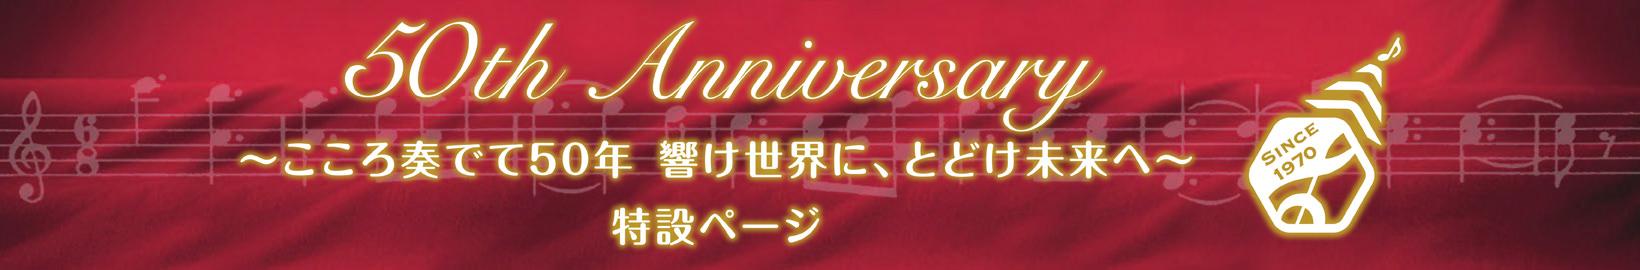 50th Anniversary ~こころ奏でて50年 響け世界に、とどけ未来へ~ 特設ページ